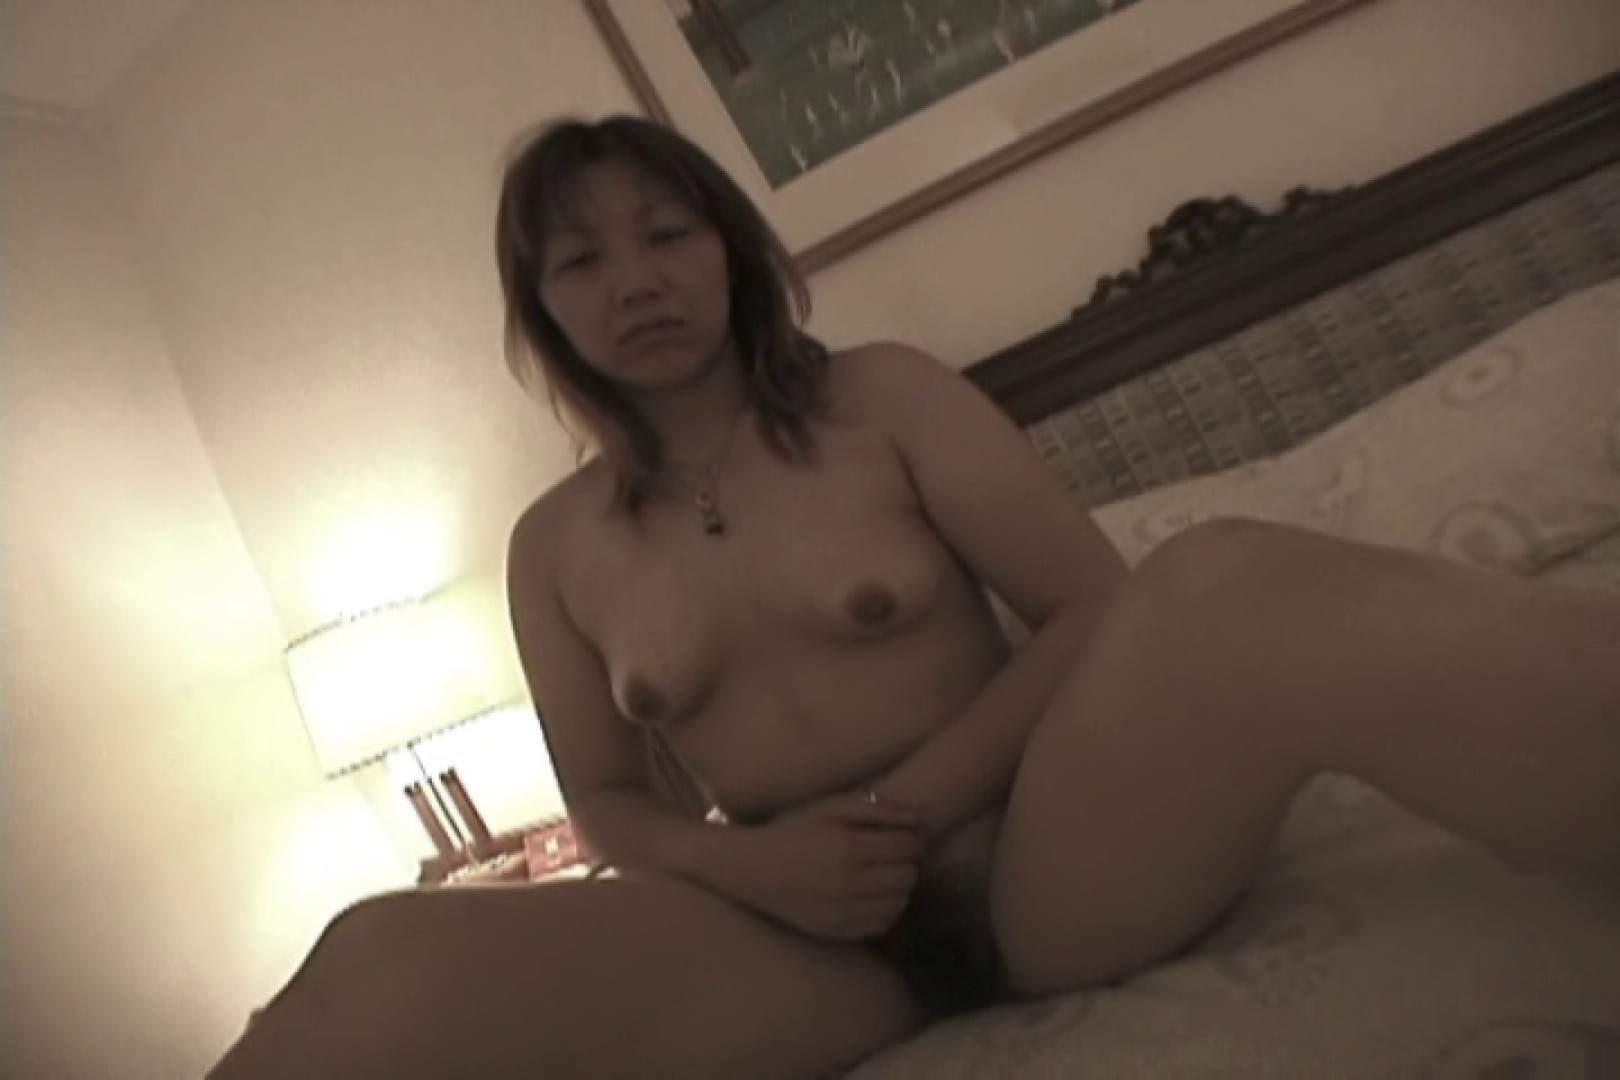 ツンデレ素人嬢もチンポには弱い~増田あけみ~ エロカワ素人  11pic 6